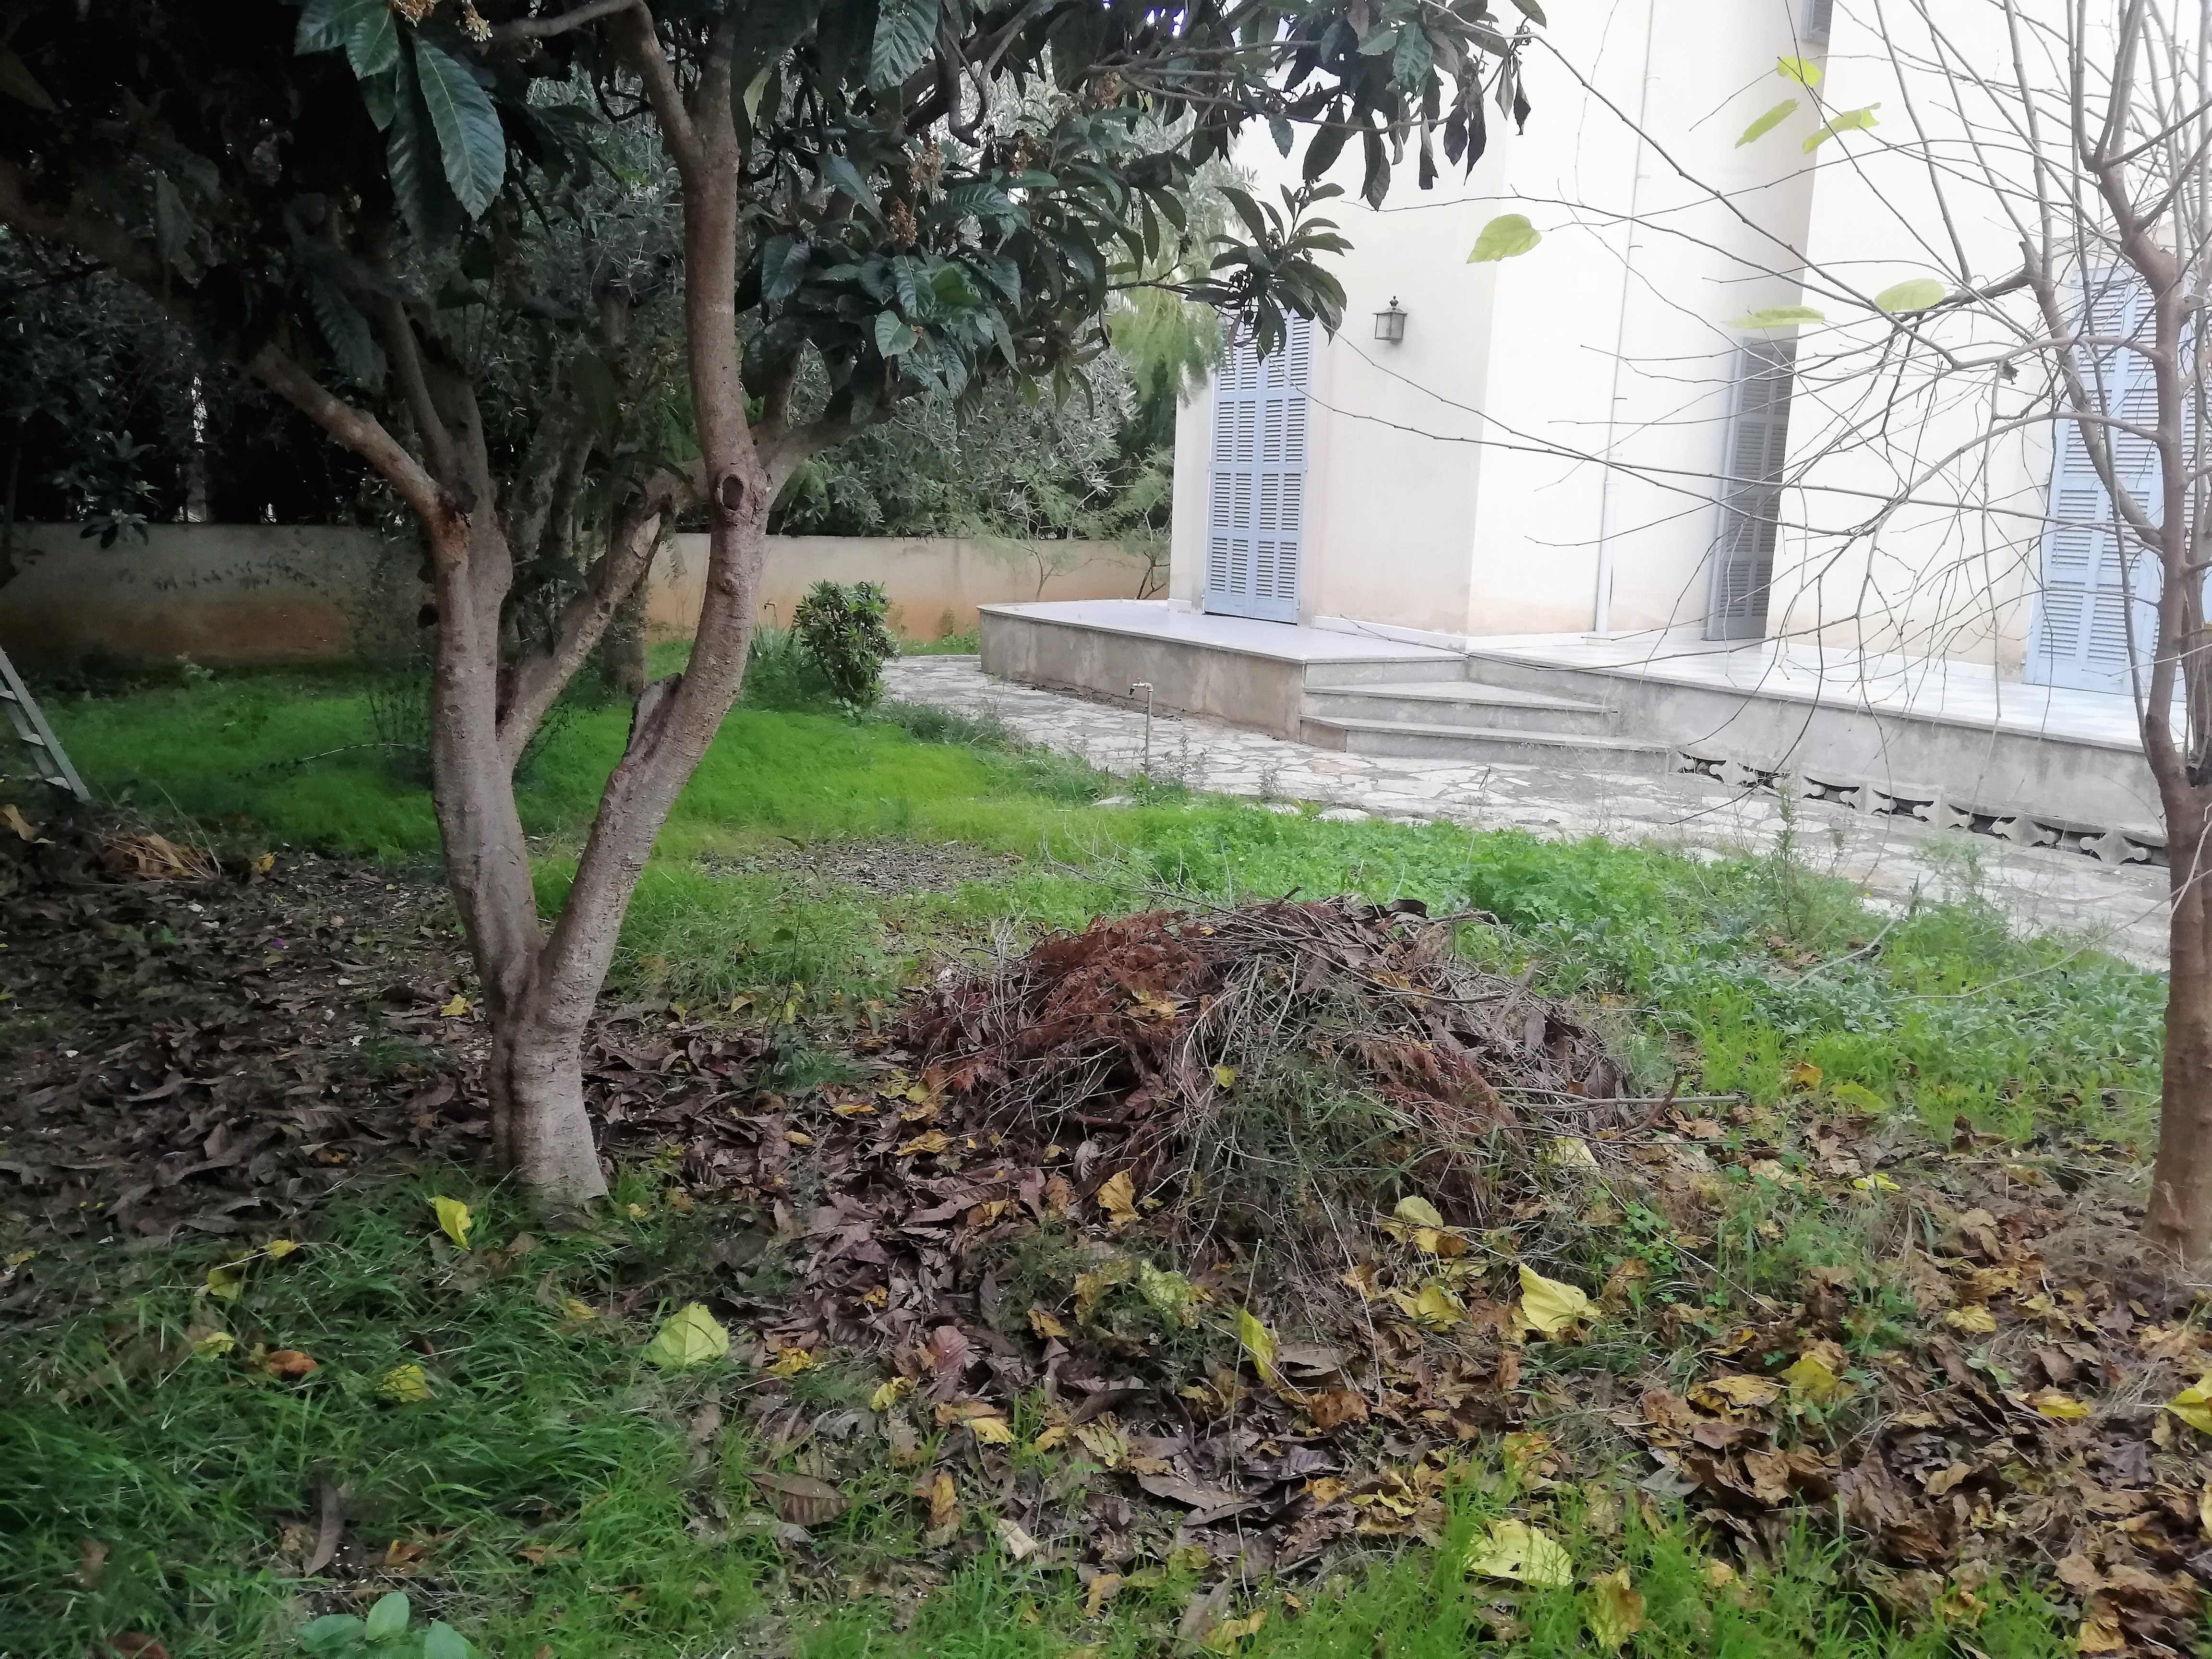 Planta baja 162 m2 + jardin y terrazas en Manacor. Ref. 2007